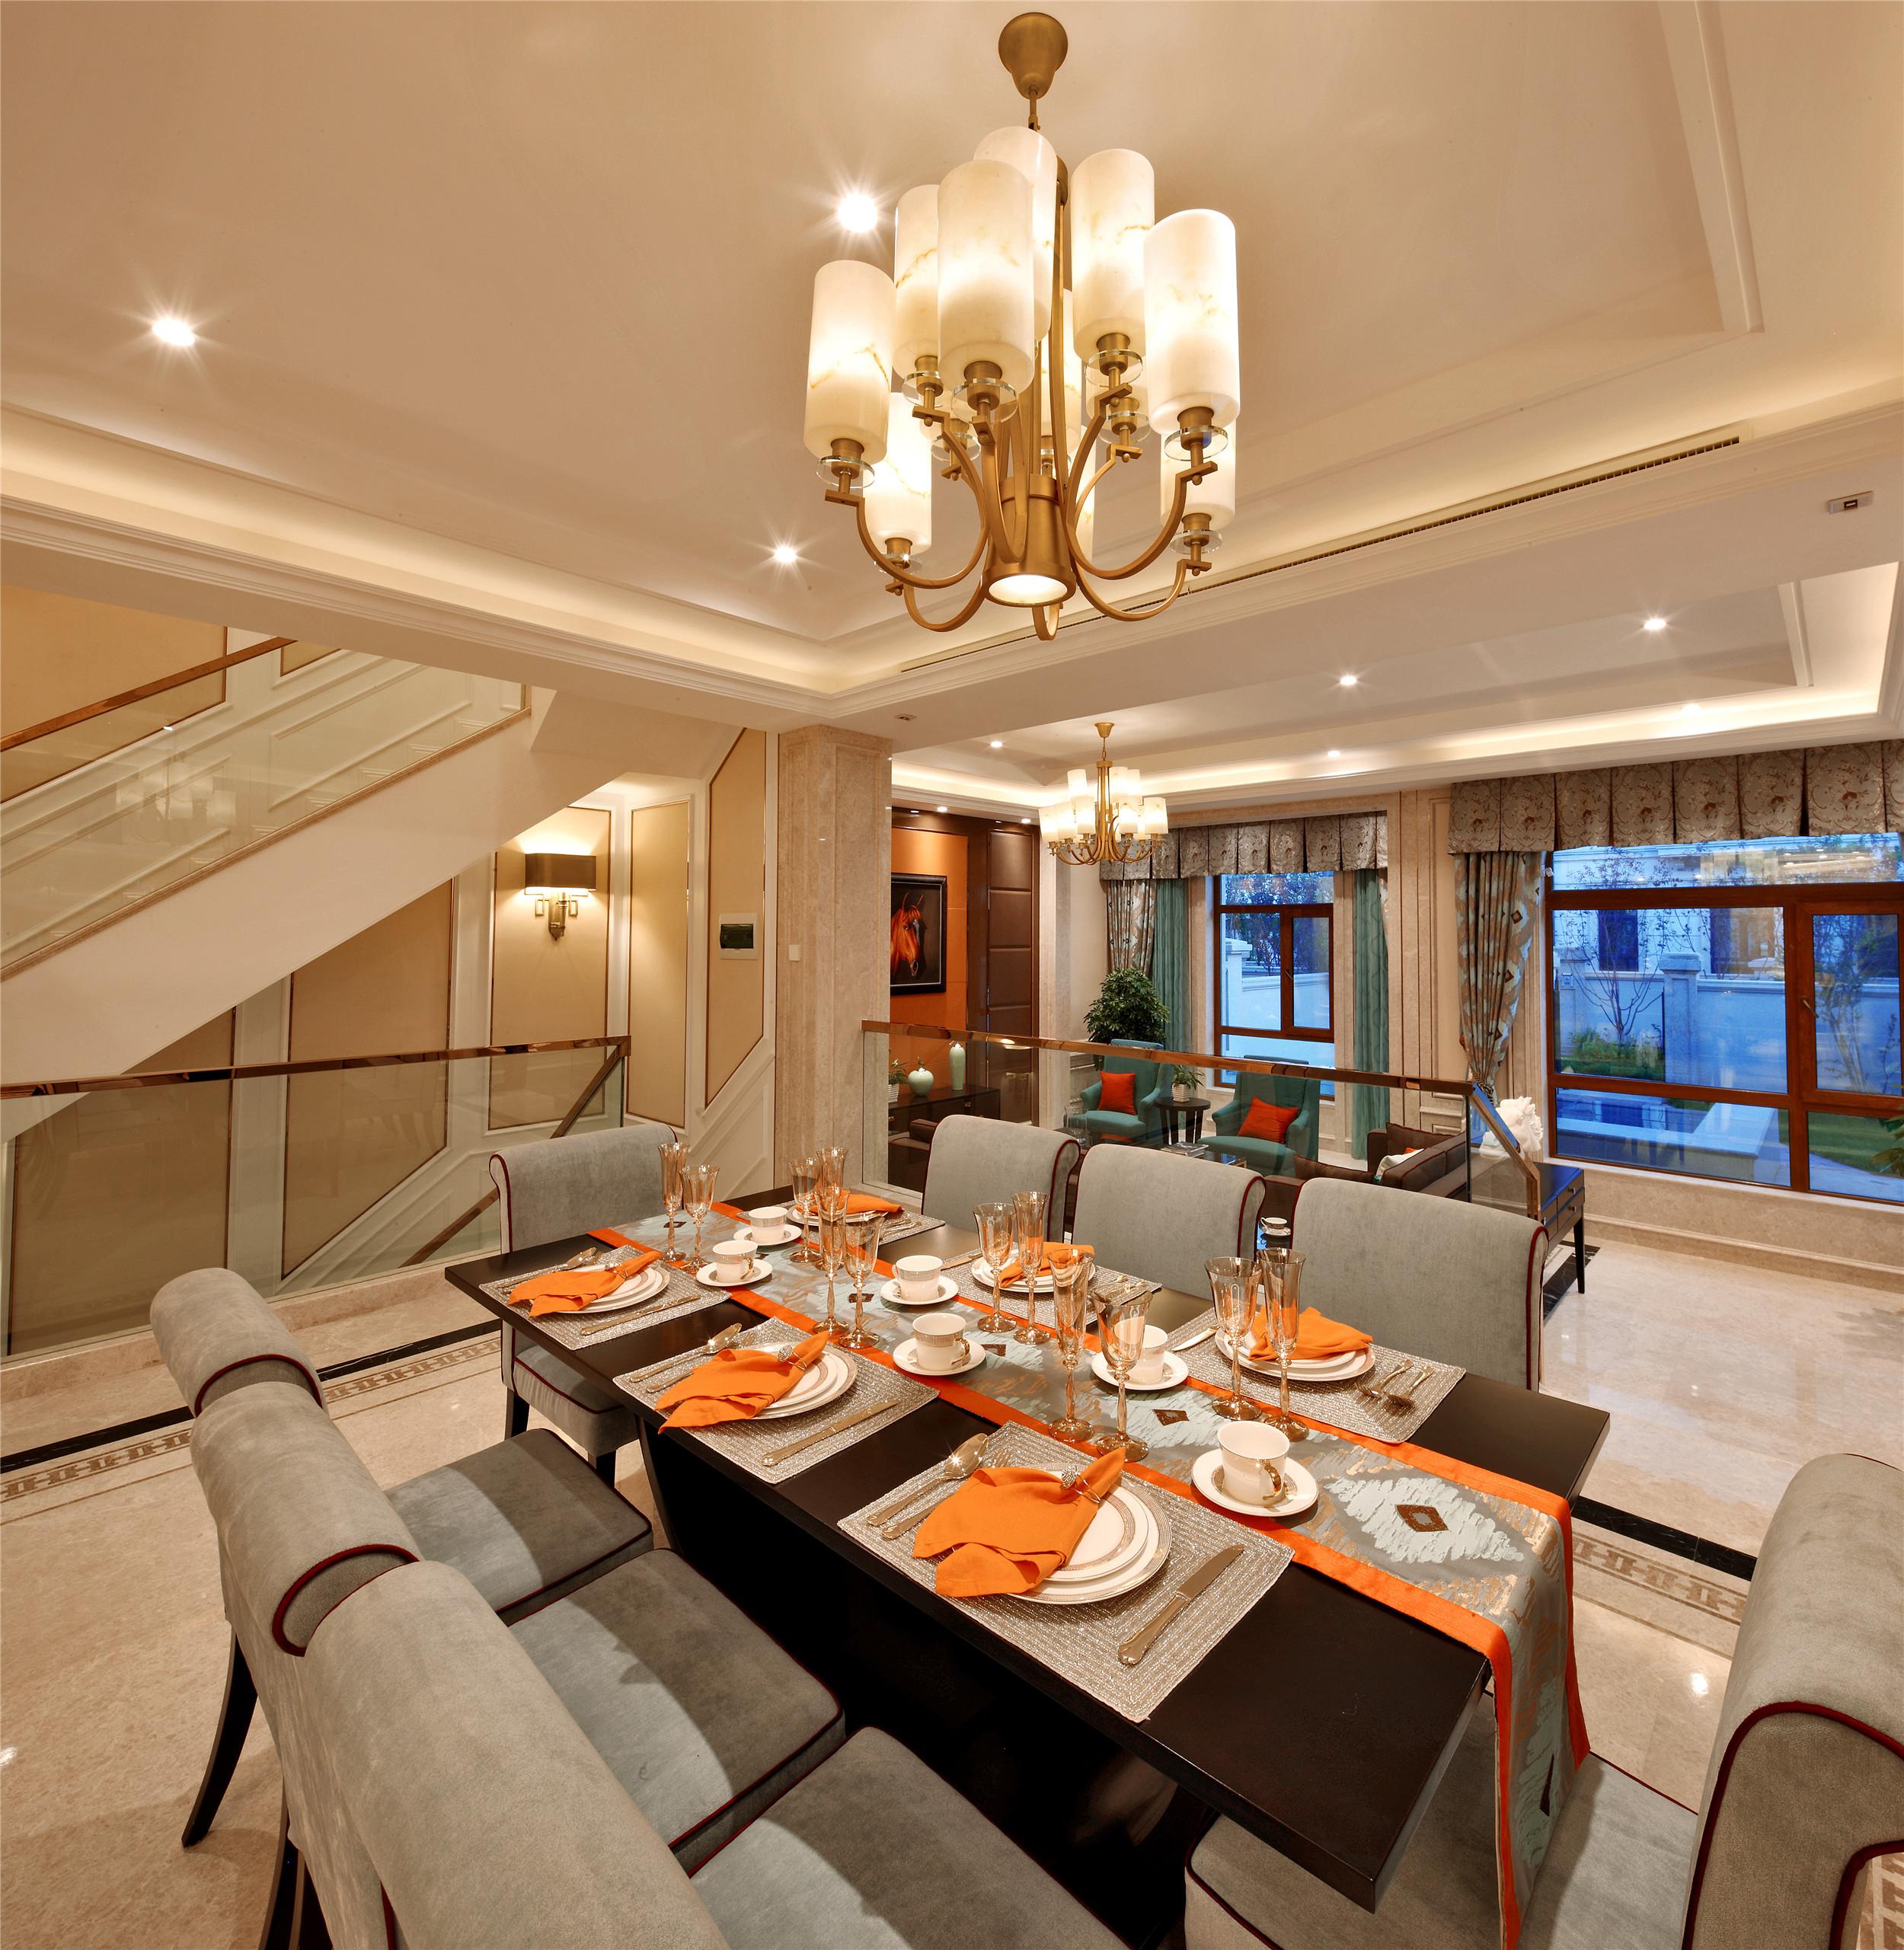 奢华别墅样板房装修餐厅设计图